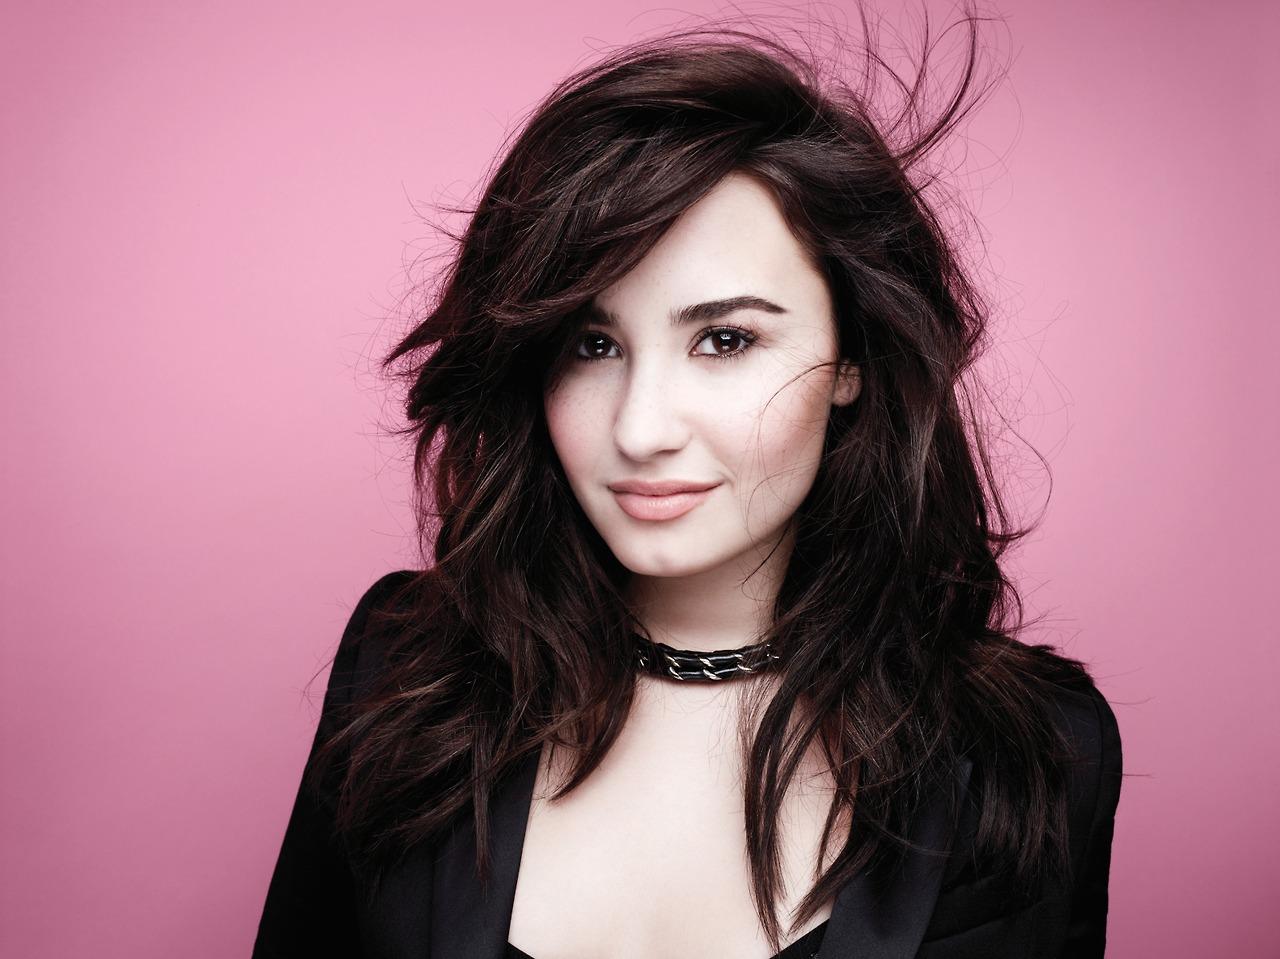 Demi Lovato Photoshoot 2013 Demi Lovato - 2013 New...